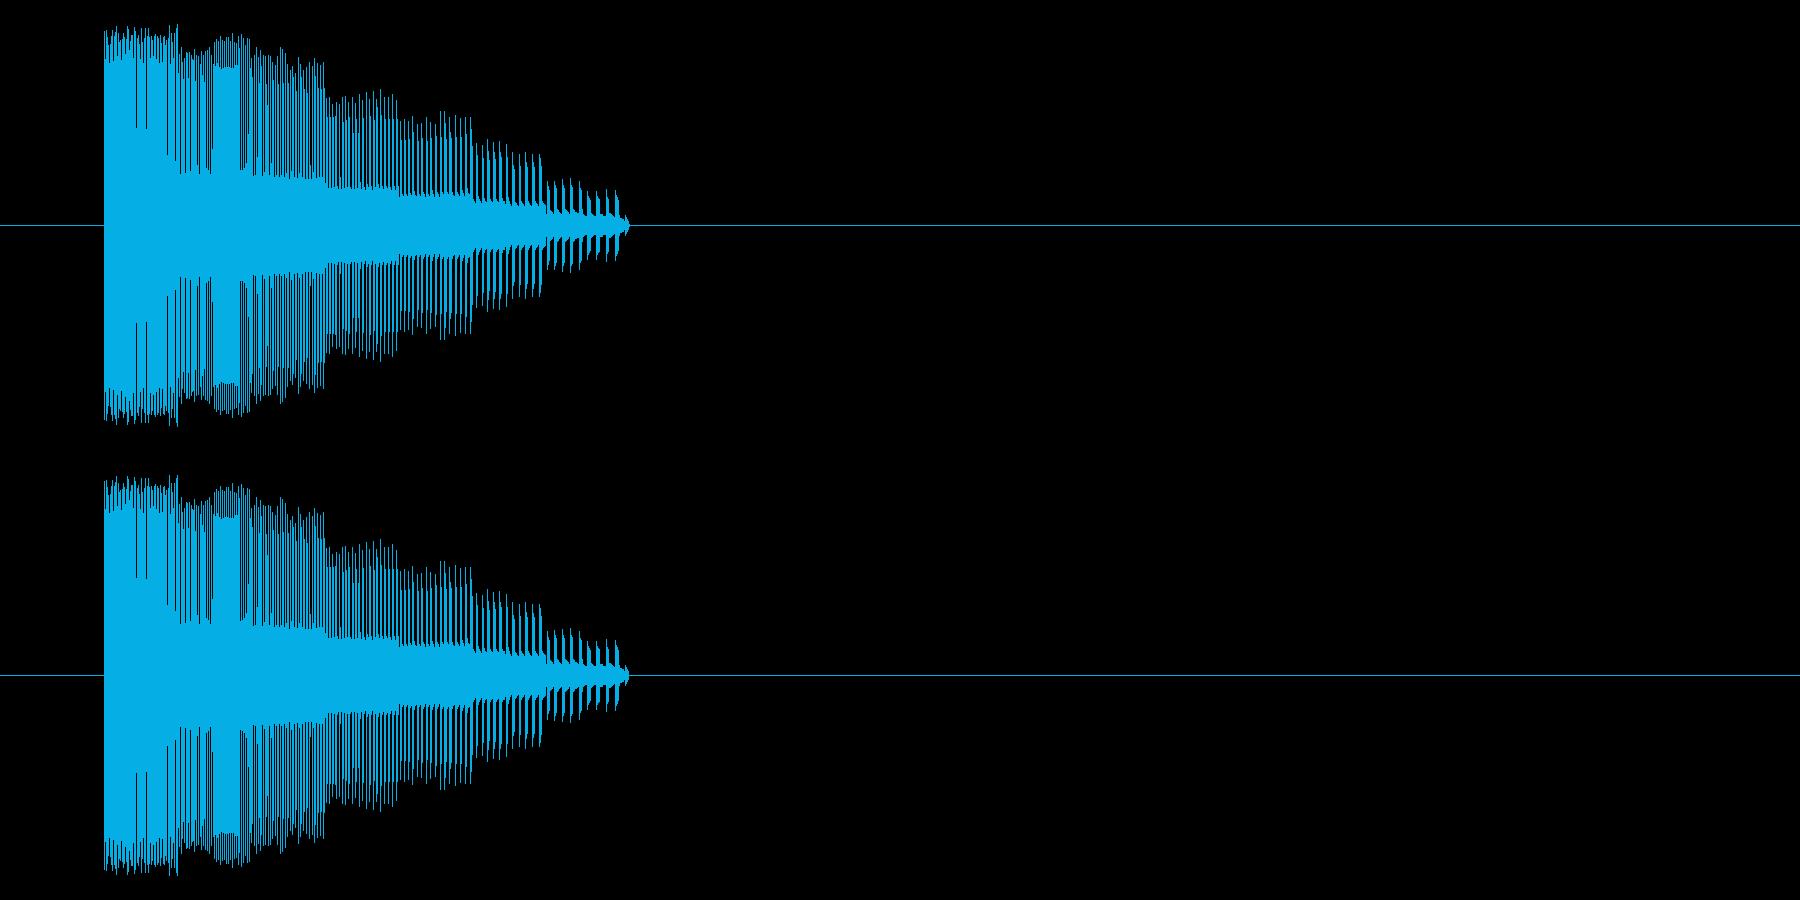 【NES 汎用01-01(ピッチ)】の再生済みの波形